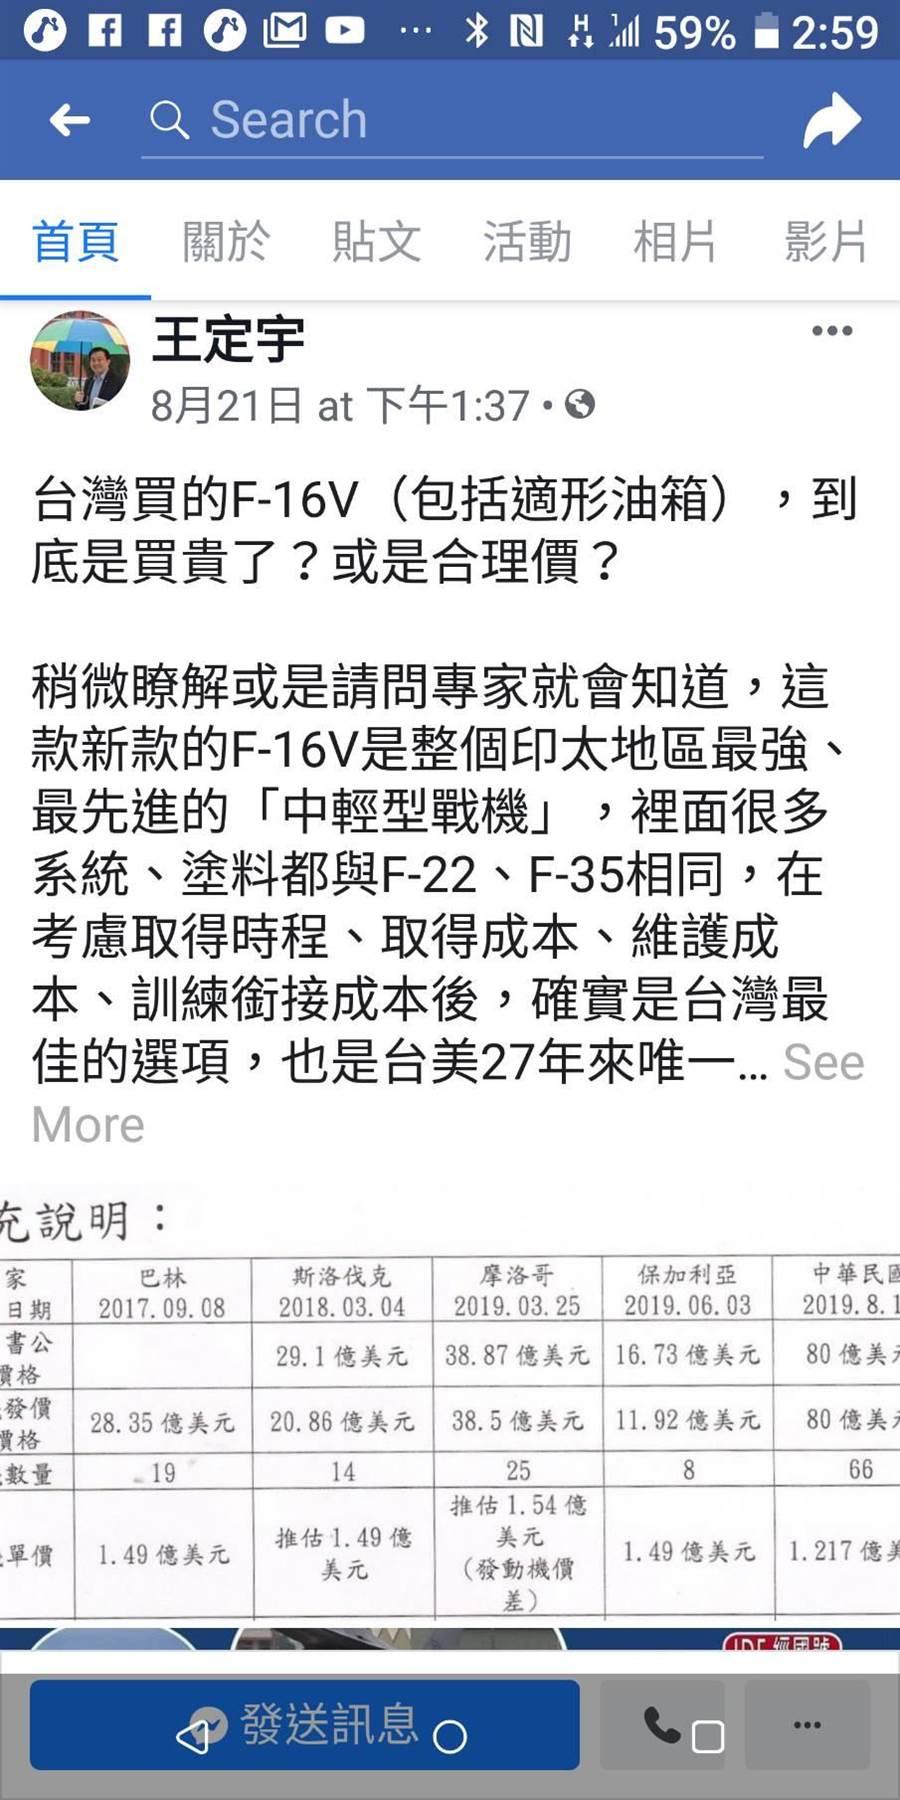 民進黨立委王定宇臉書做了一份各國採購F-16V戰機價格比較表。摘自王定宇臉書